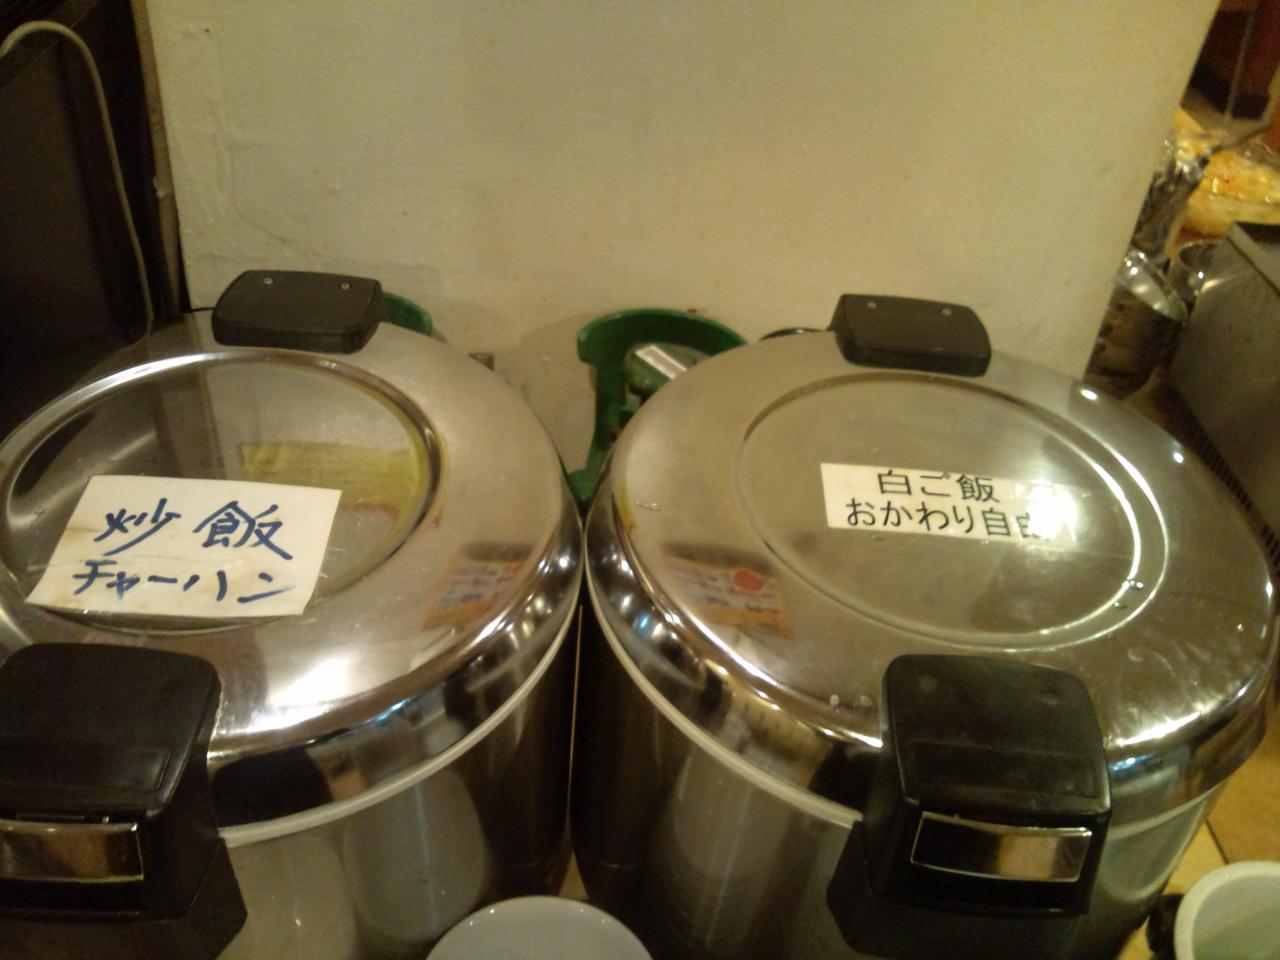 唐瓊家秋葉原店(料理)